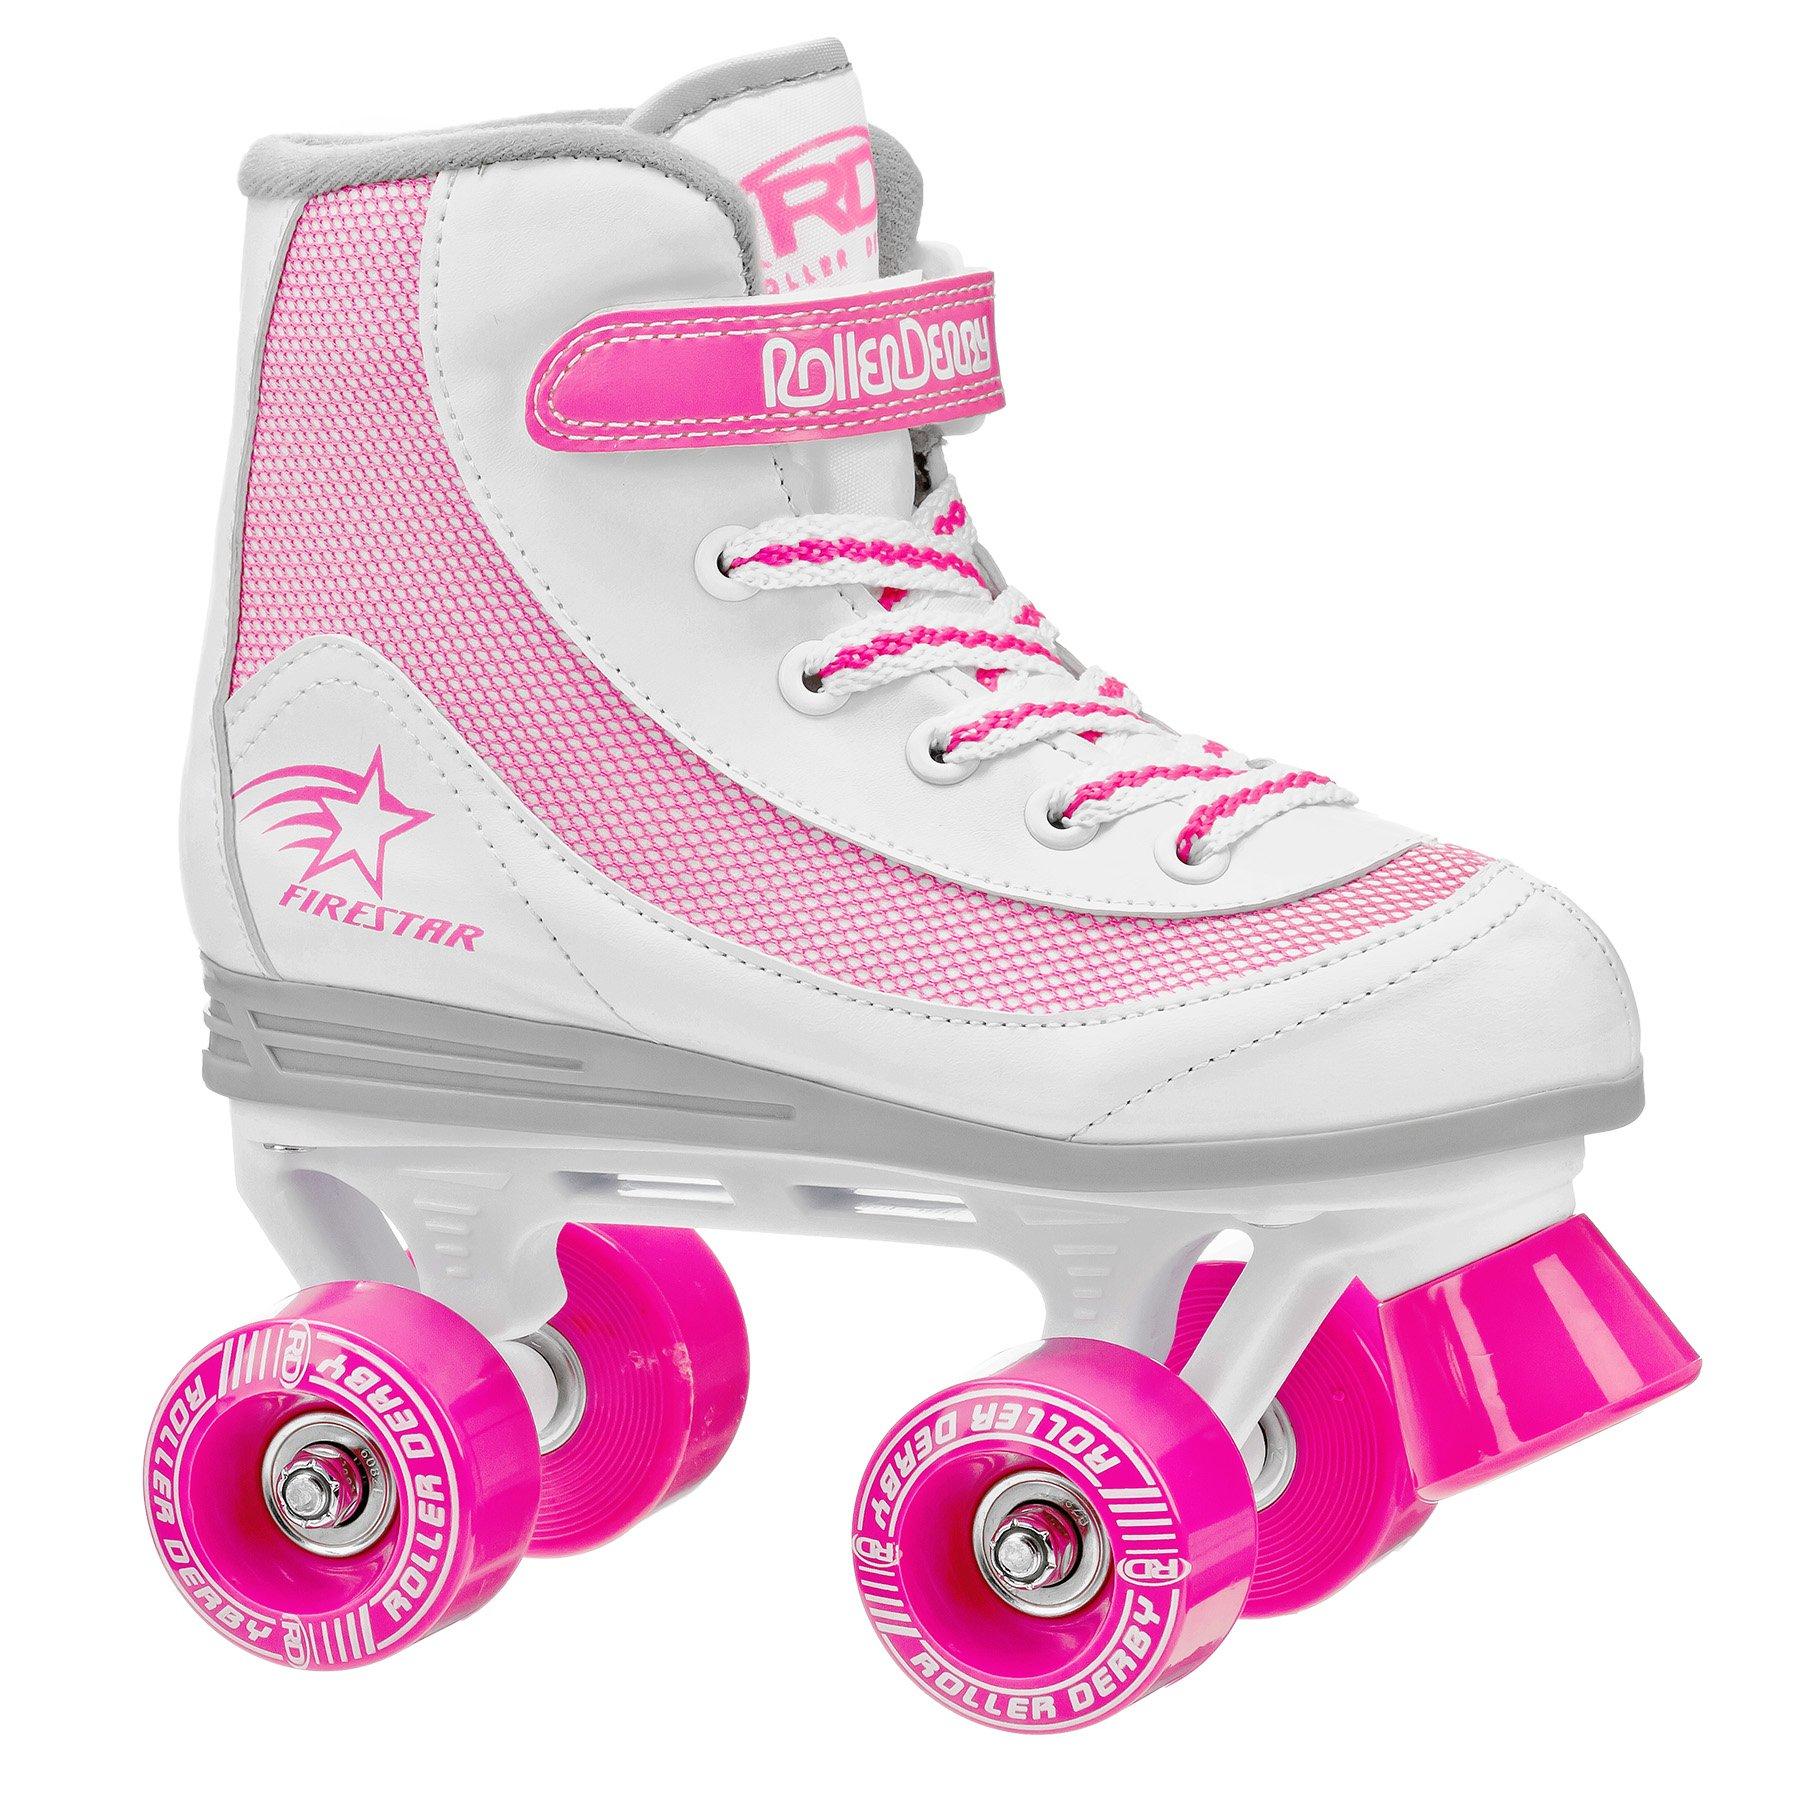 FireStar Youth Girl's Roller Skate (White, Size 1) by Roller Derby